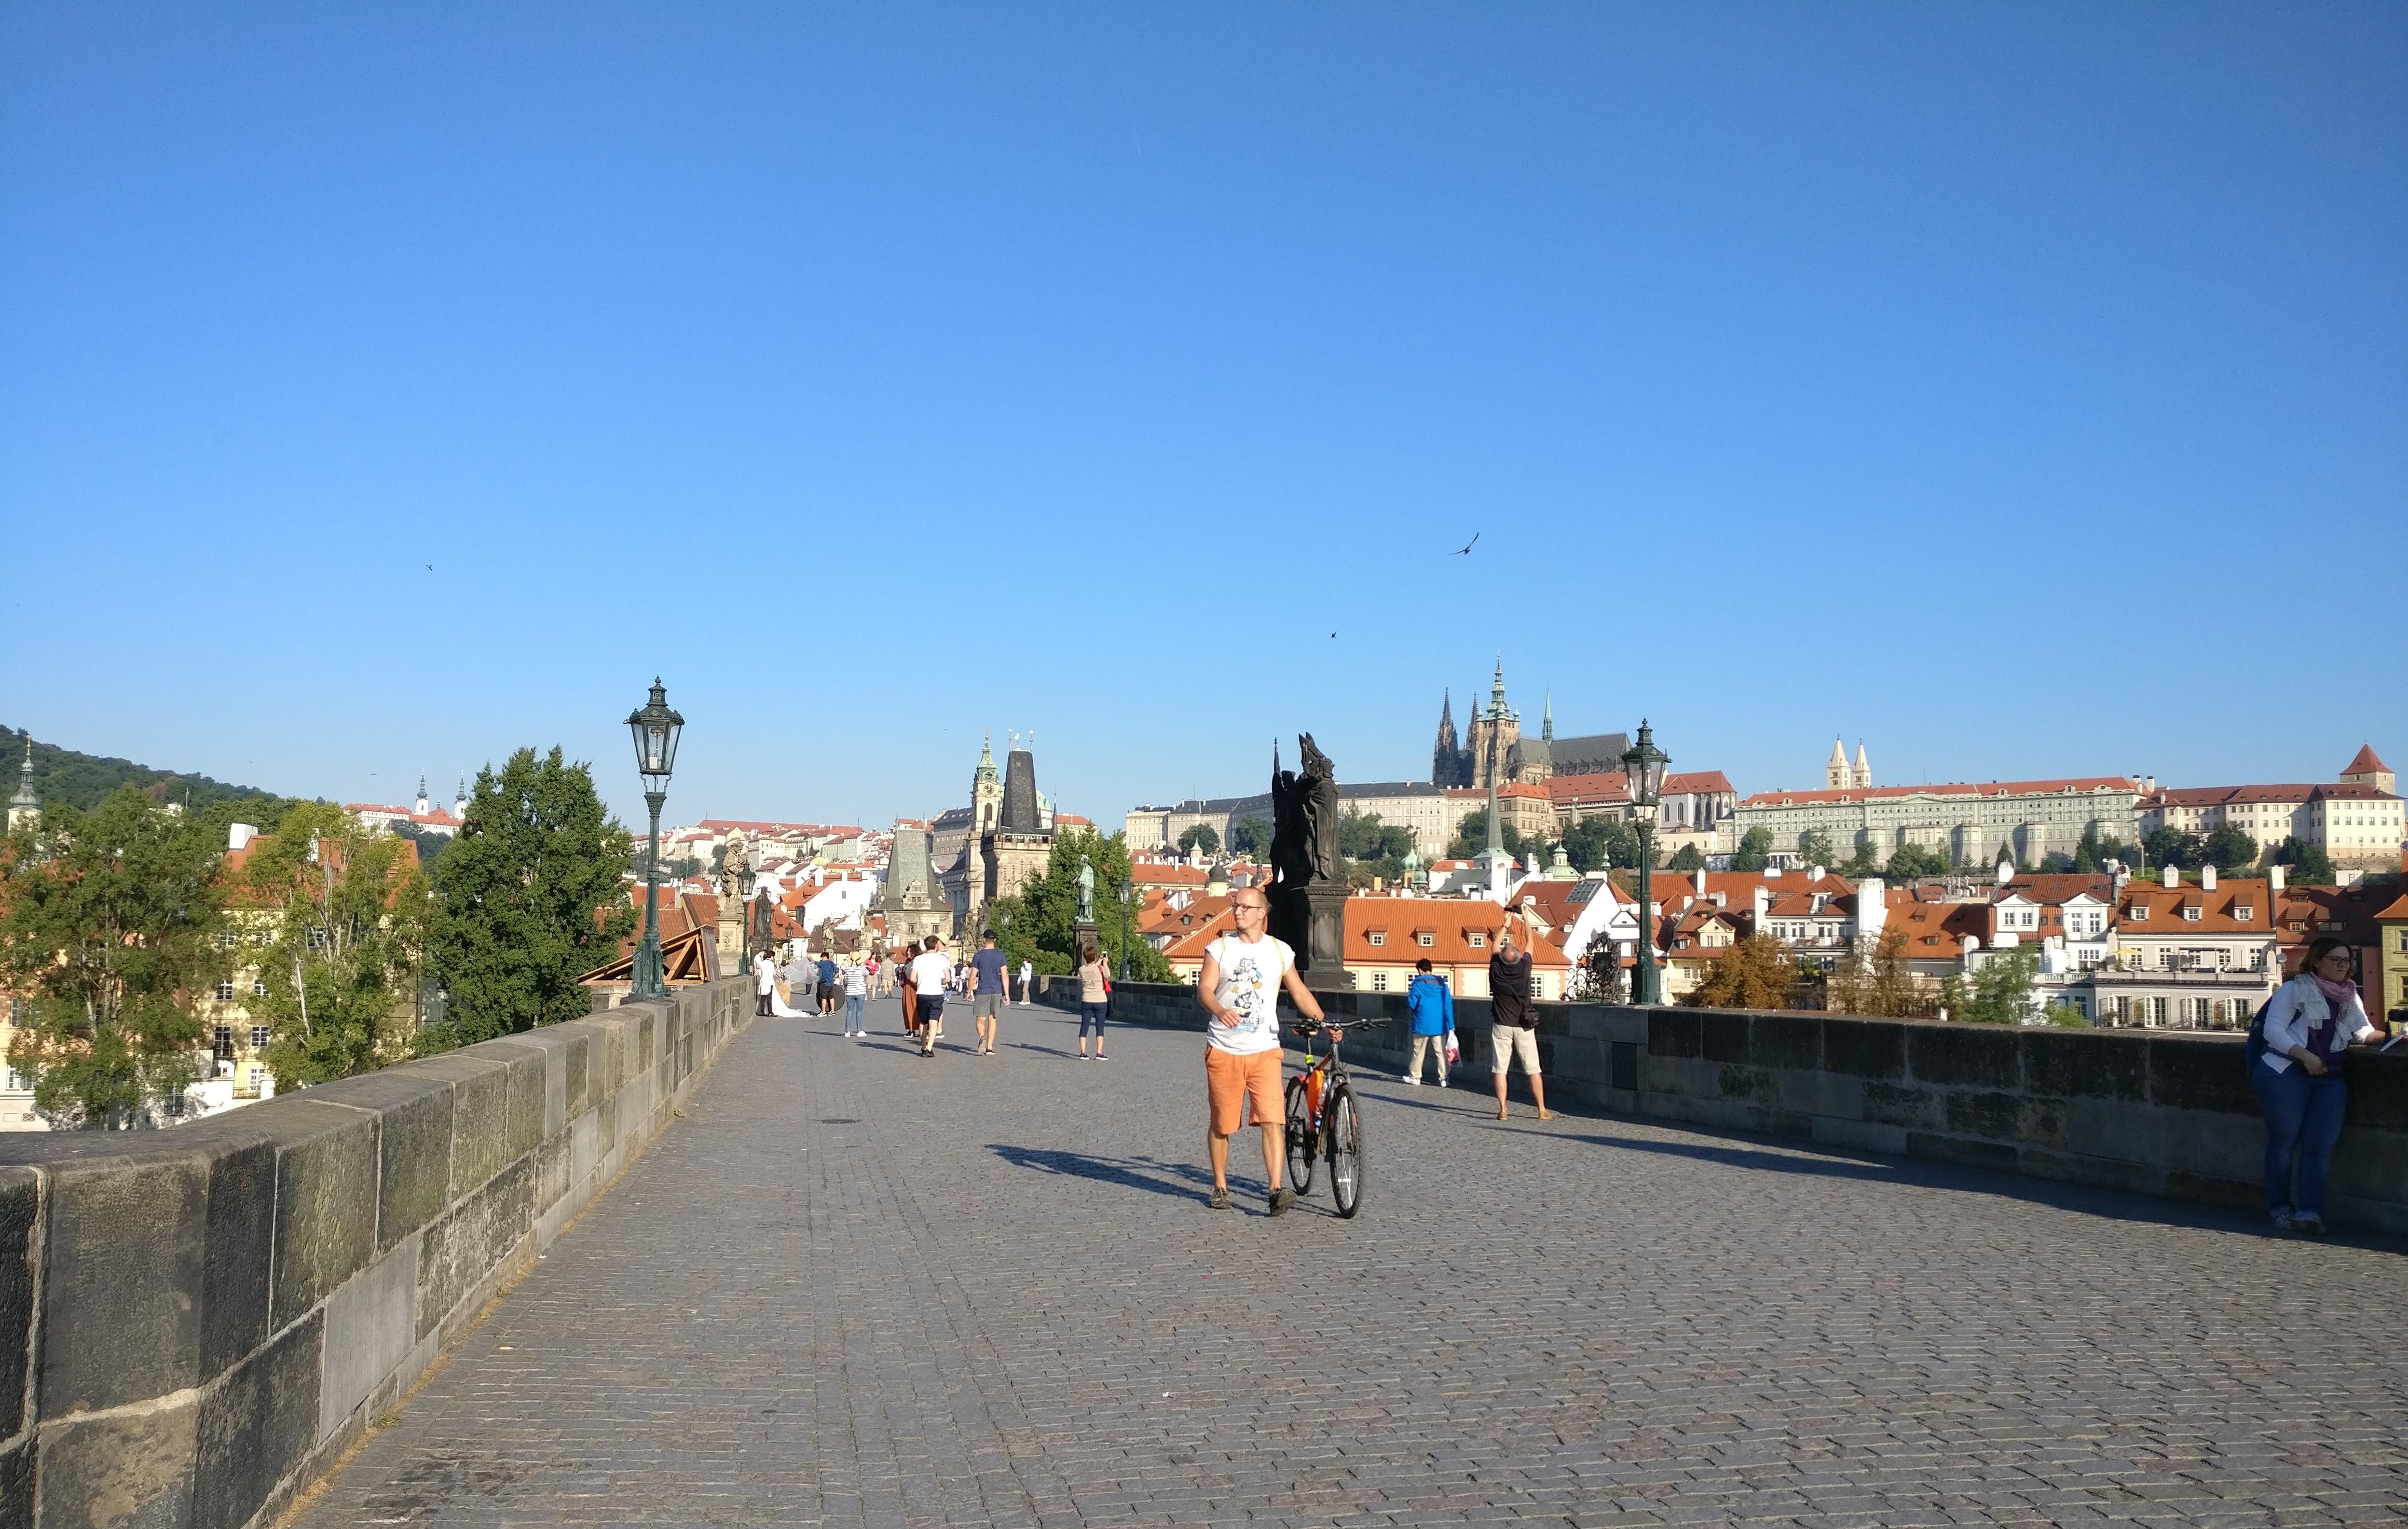 Seværdigheder i Prag - Hvad skal man se? Hiatus anbefaler 7 attraktioner